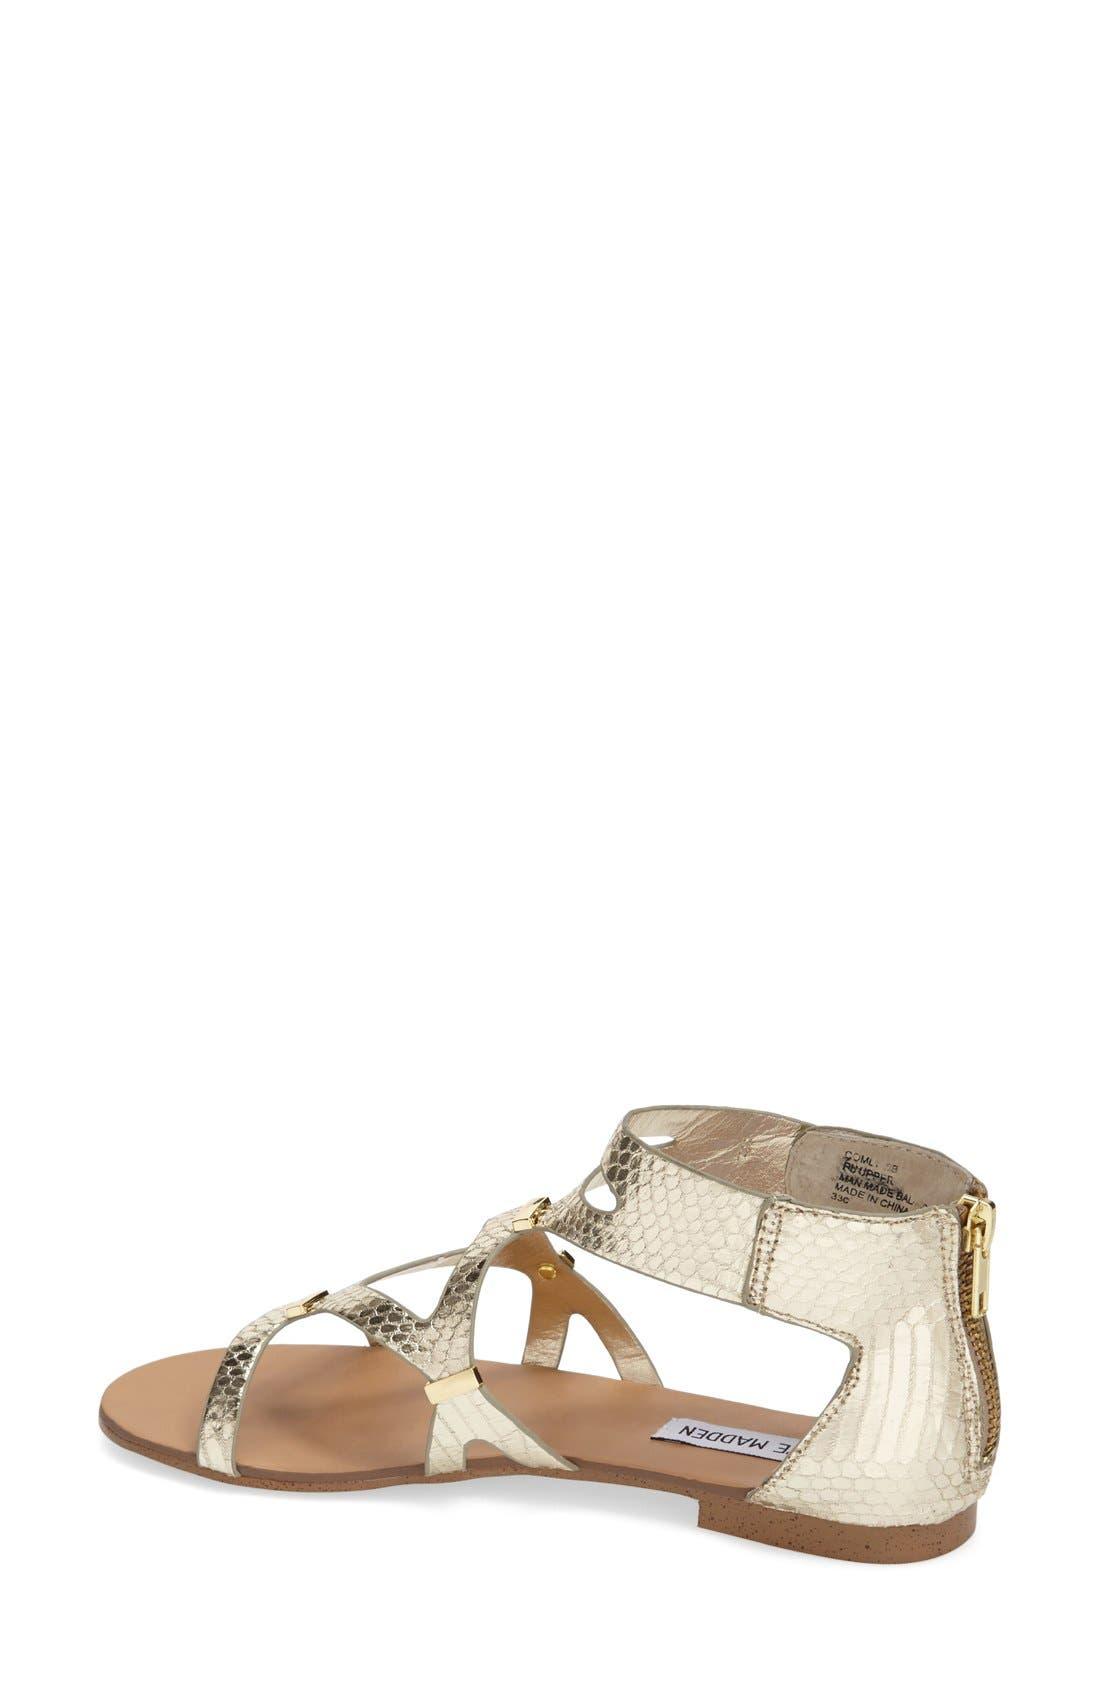 Alternate Image 3  - Steve Madden 'Comly' Gladiator Sandal (Women)